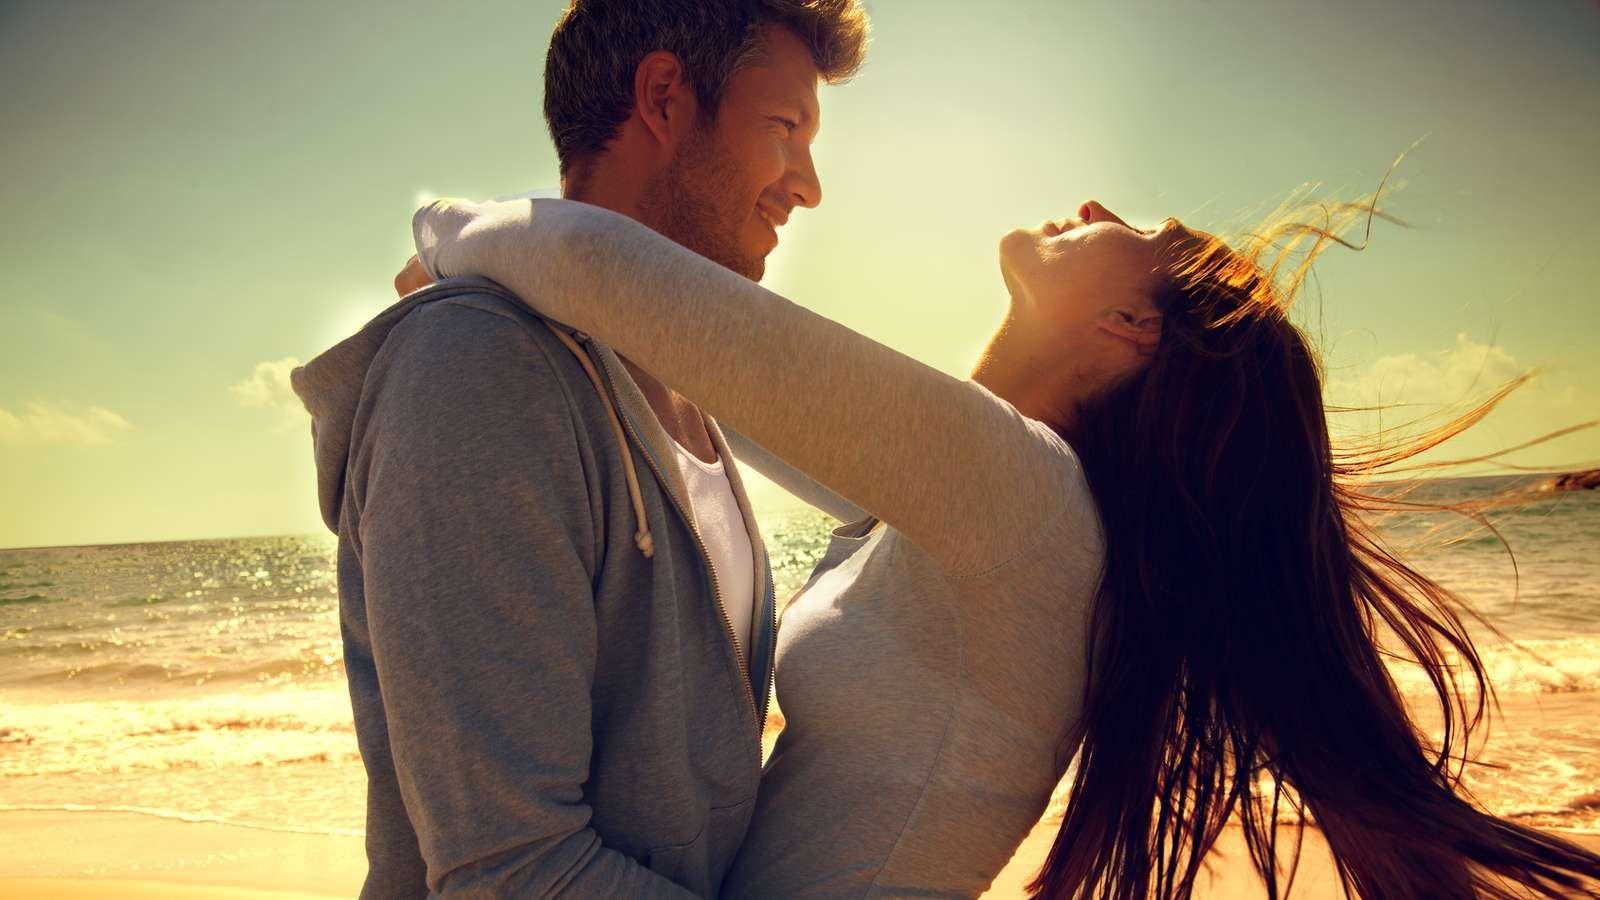 Glückliche Partnerschaft: Liebe ist lohnende Arbeit